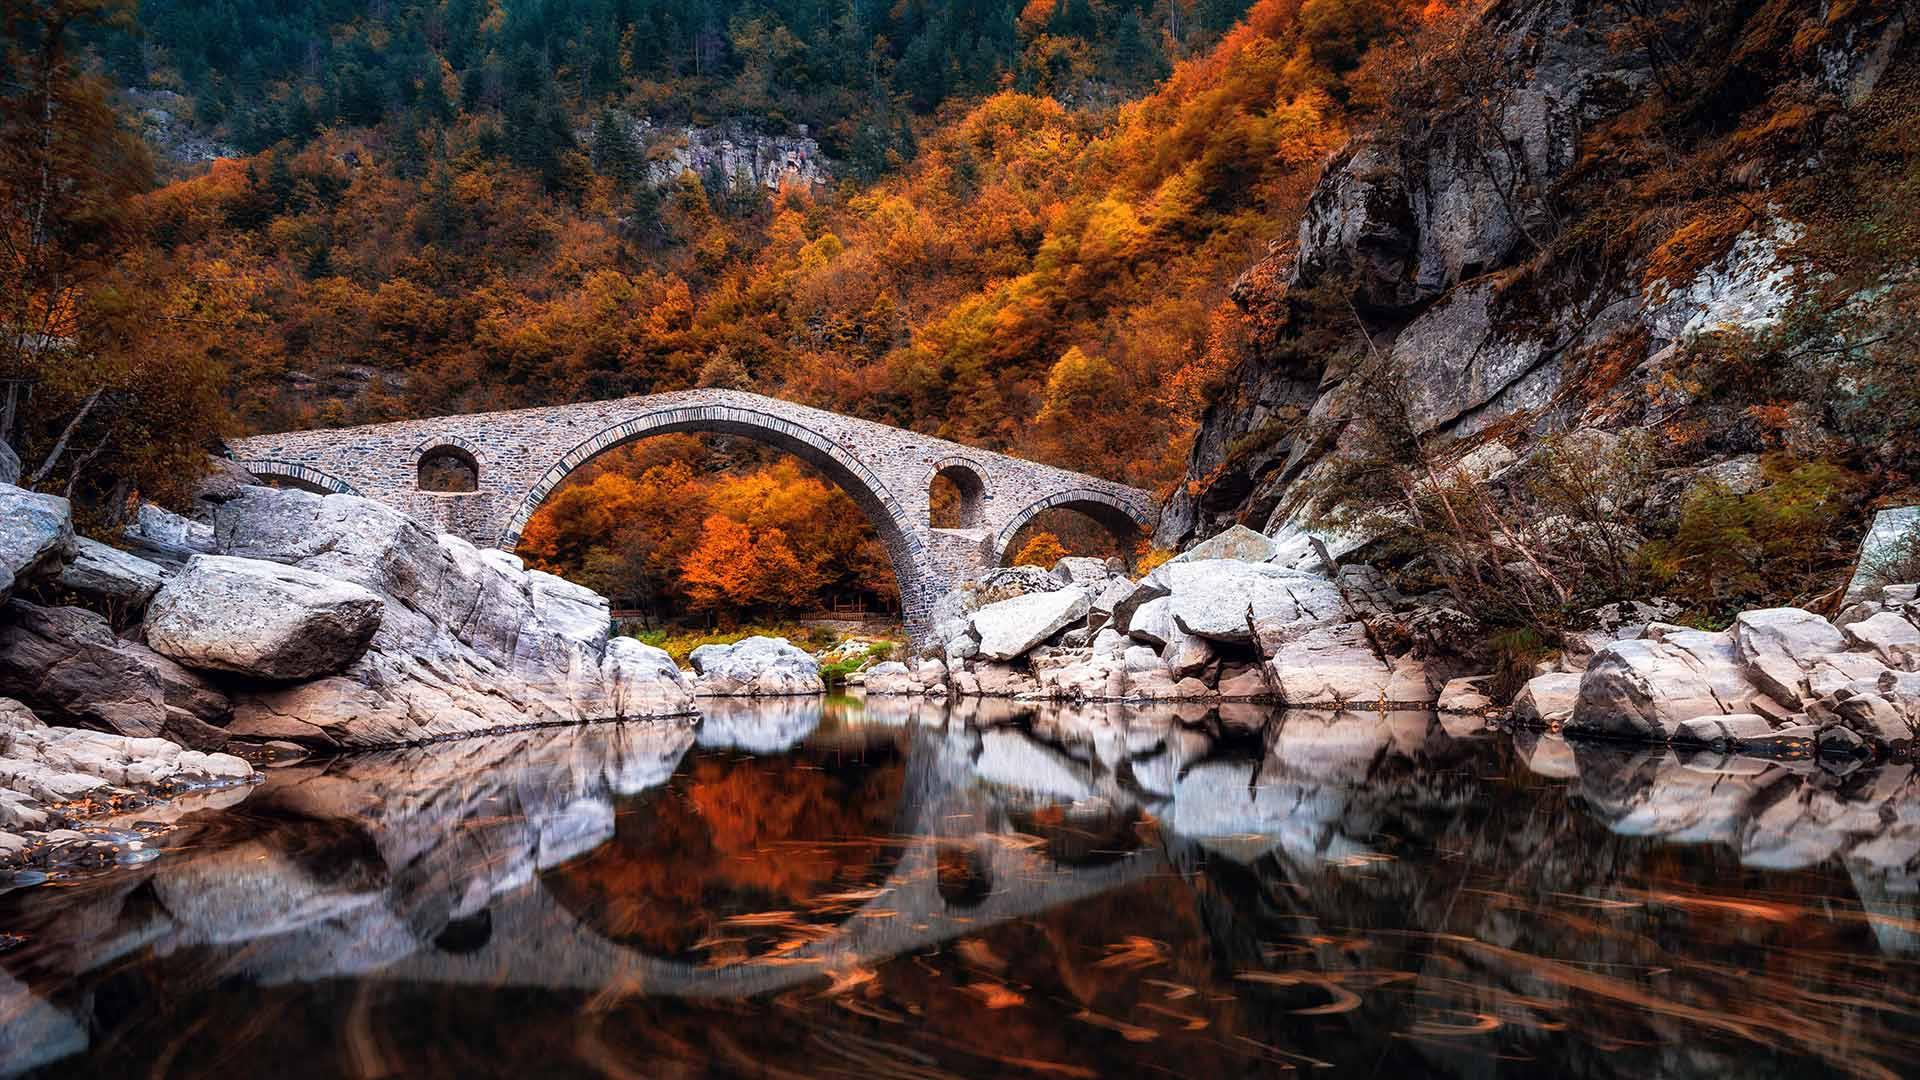 Dyavolski most (Devil's Bridge), Arda river, Bulgaria (© Petar Mladenov/Alamy)